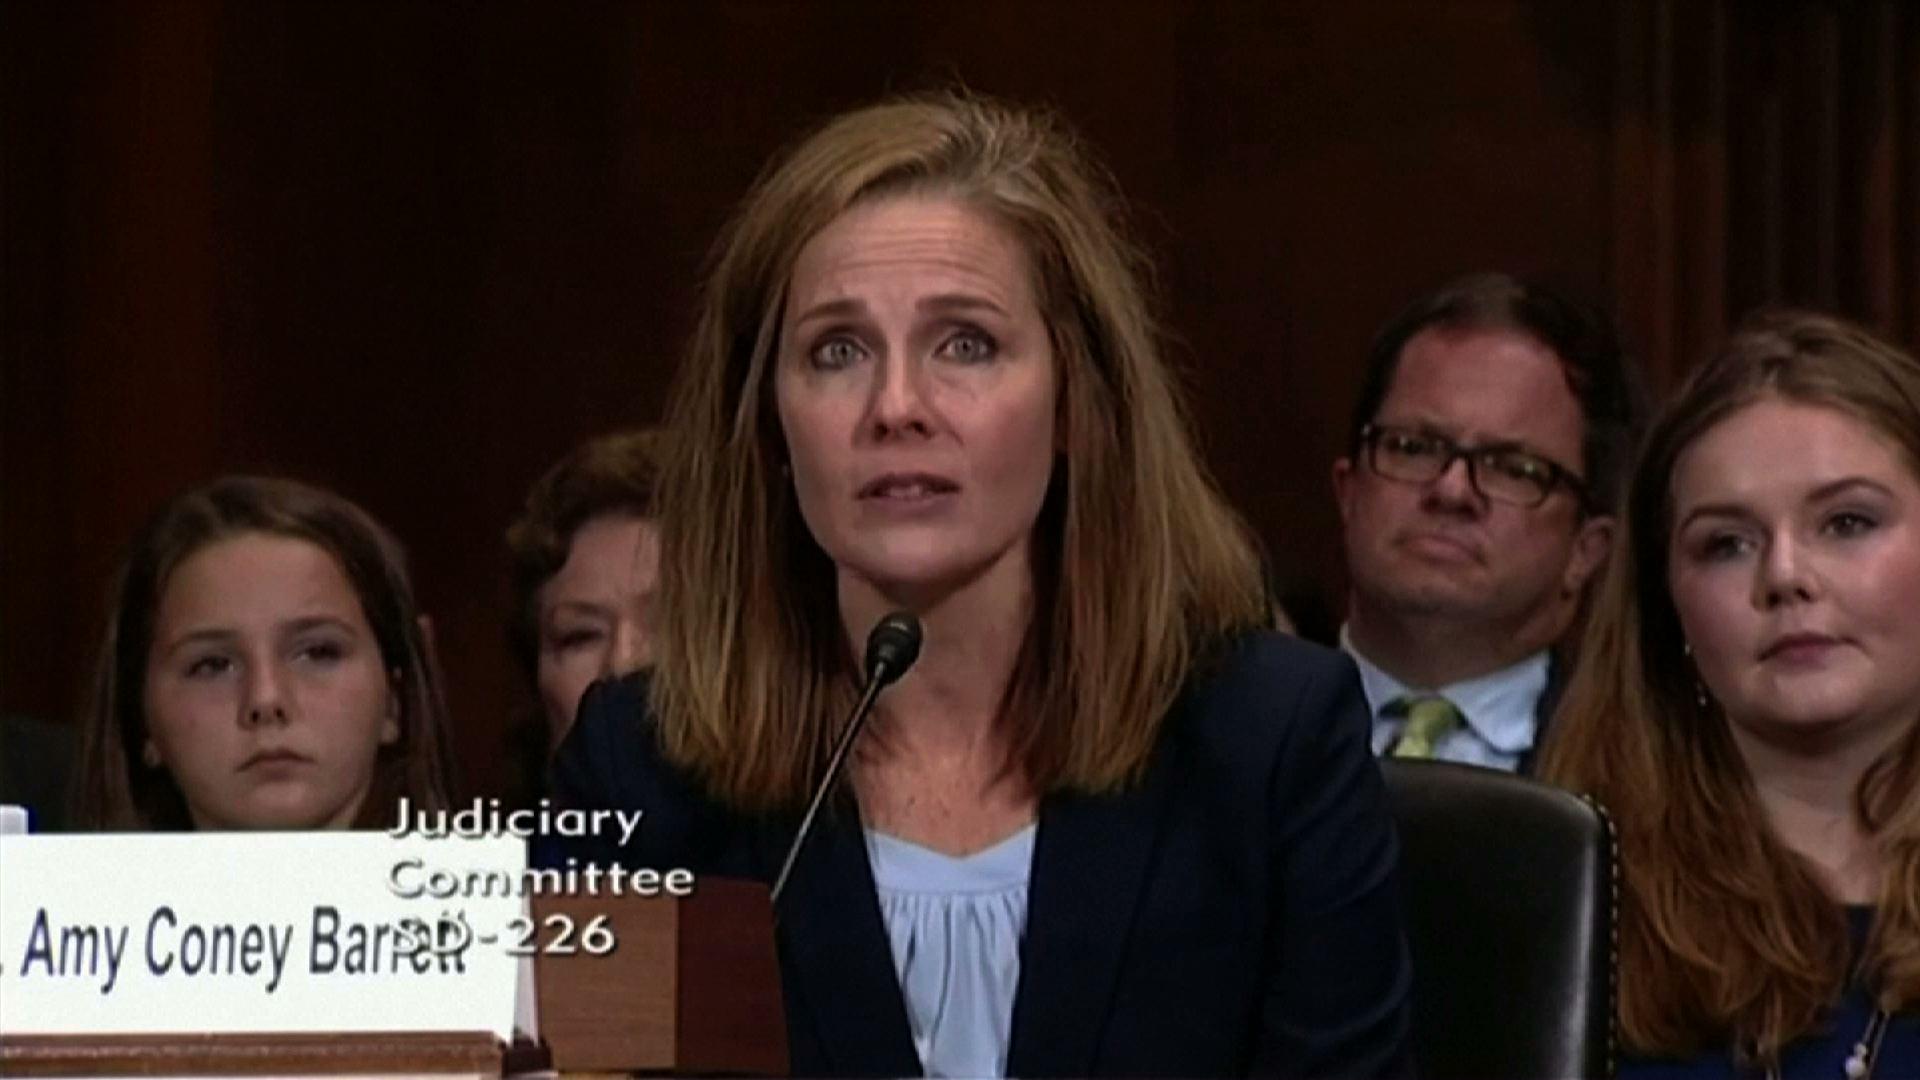 Tổng Thống Trump dự kiến đề cử thẩm phán Amy Coney Barrett vào Tối Cao Pháp Viện